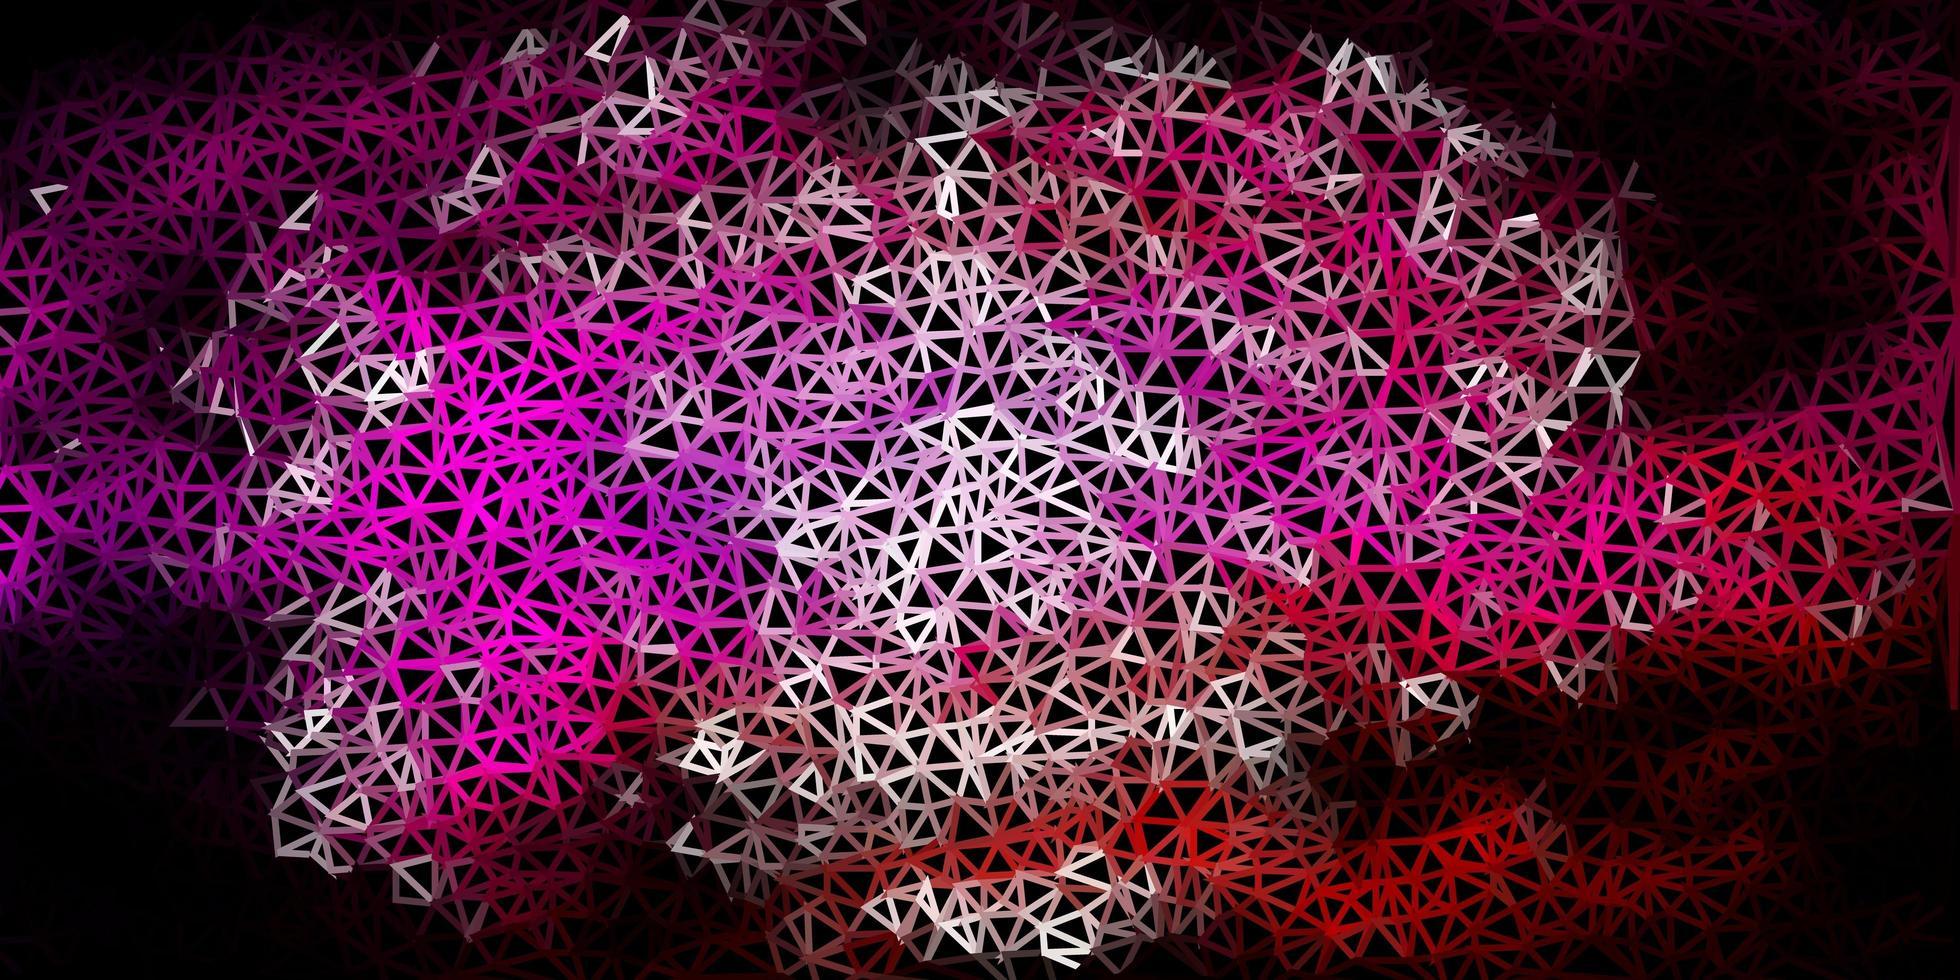 mörkrosa vektor abstrakt triangel konsistens.